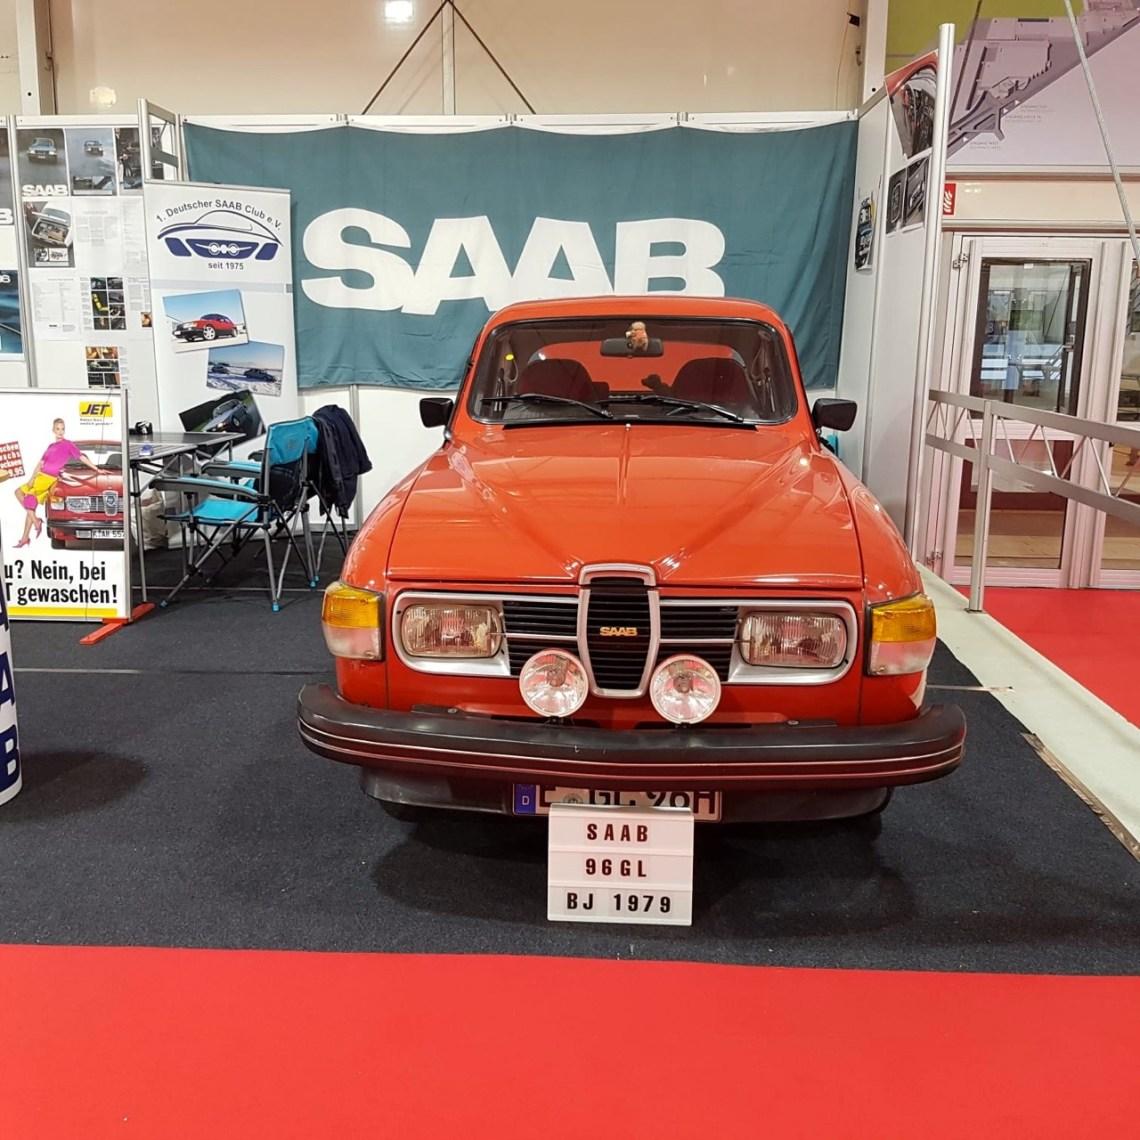 Saab 96 GL. 2 ägare i 40 år